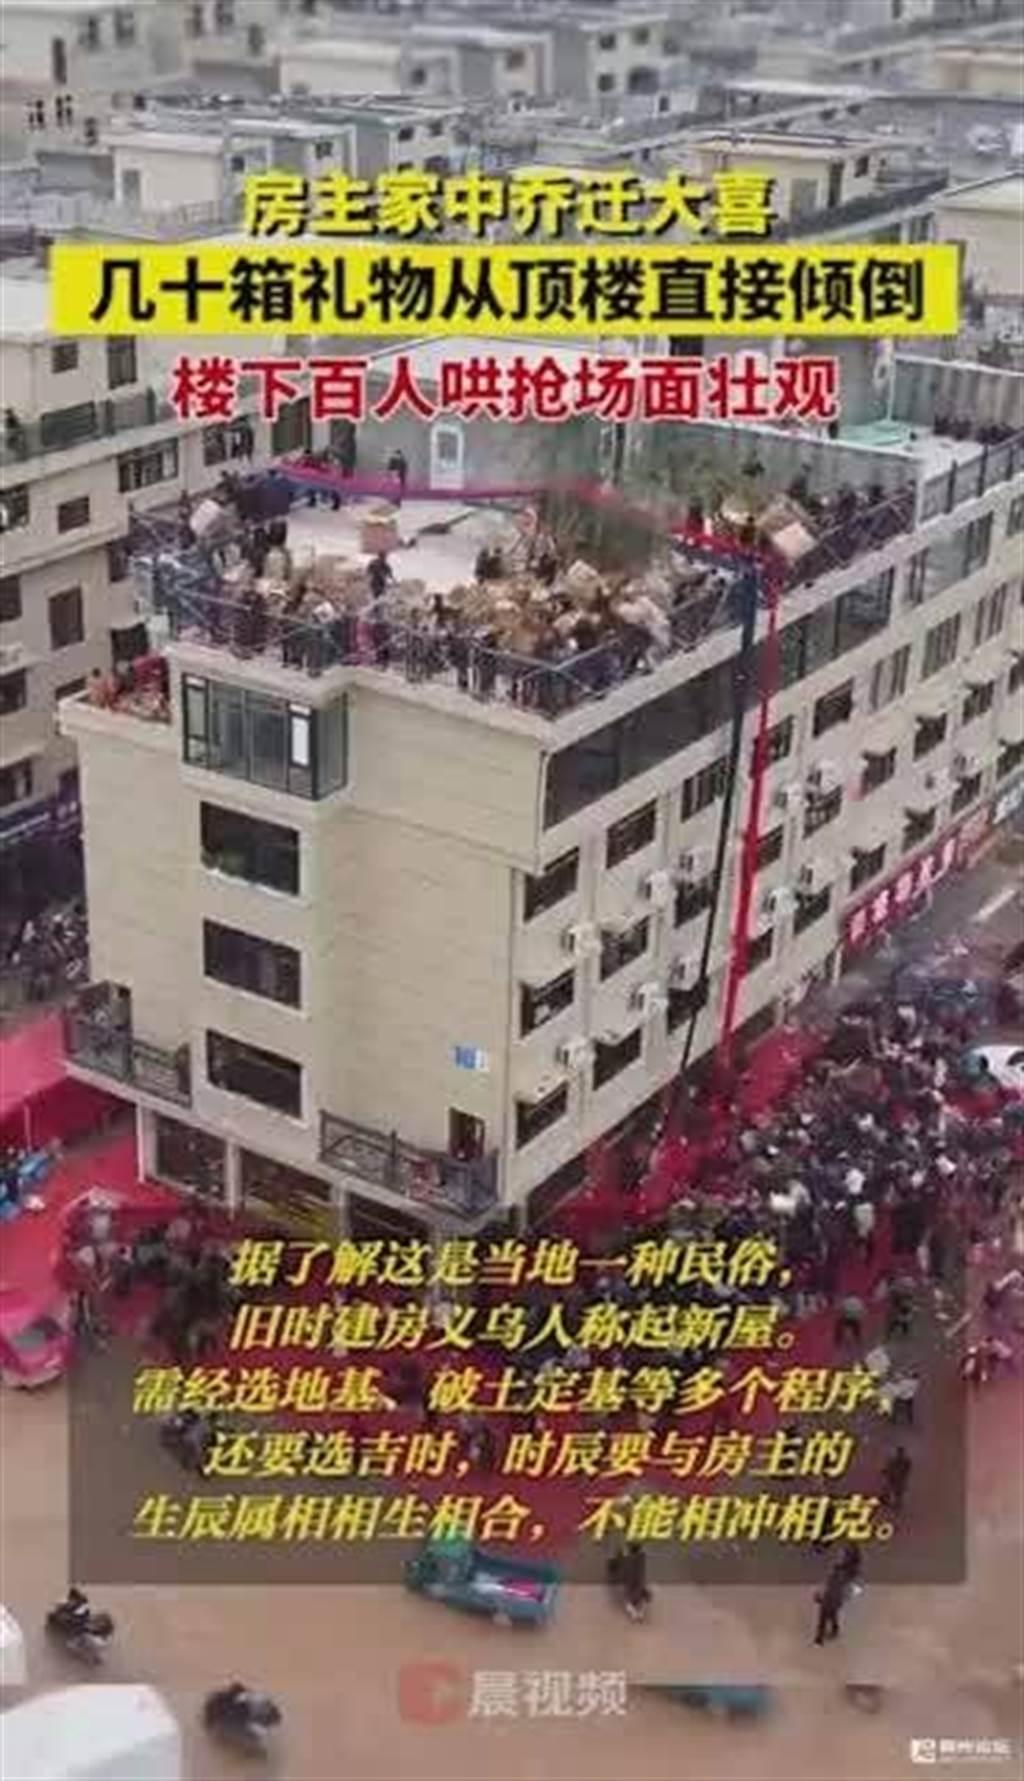 大陸土豪歡慶喬遷,從樓頂狂撒10箱禮物與民眾同樂。(圖/微博@晨視頻)